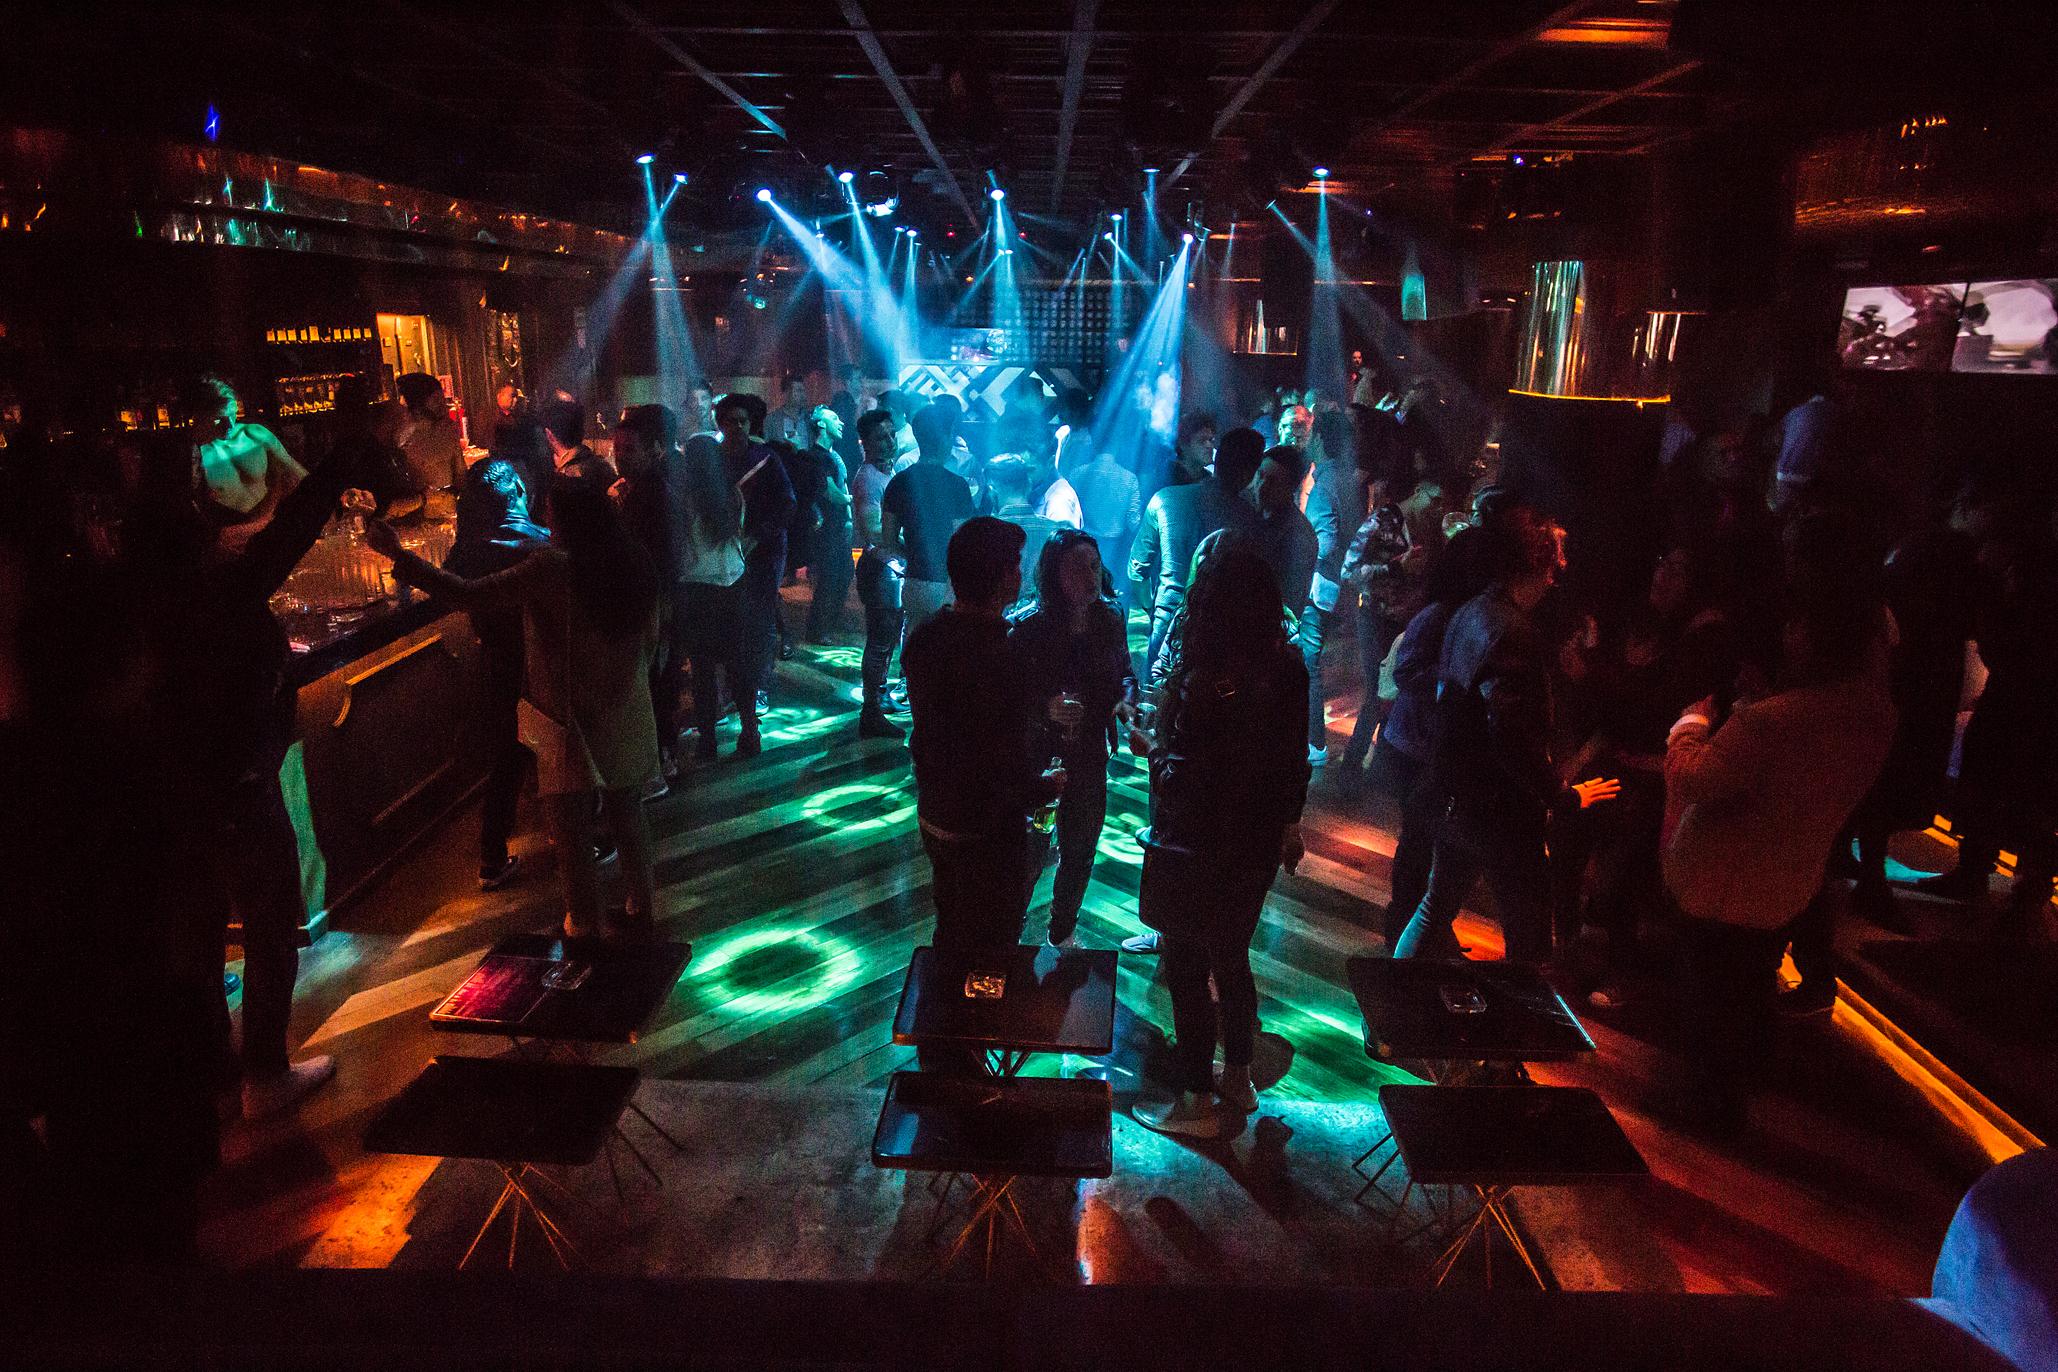 Discoteca, el nuevo antro gay para salir los viernes